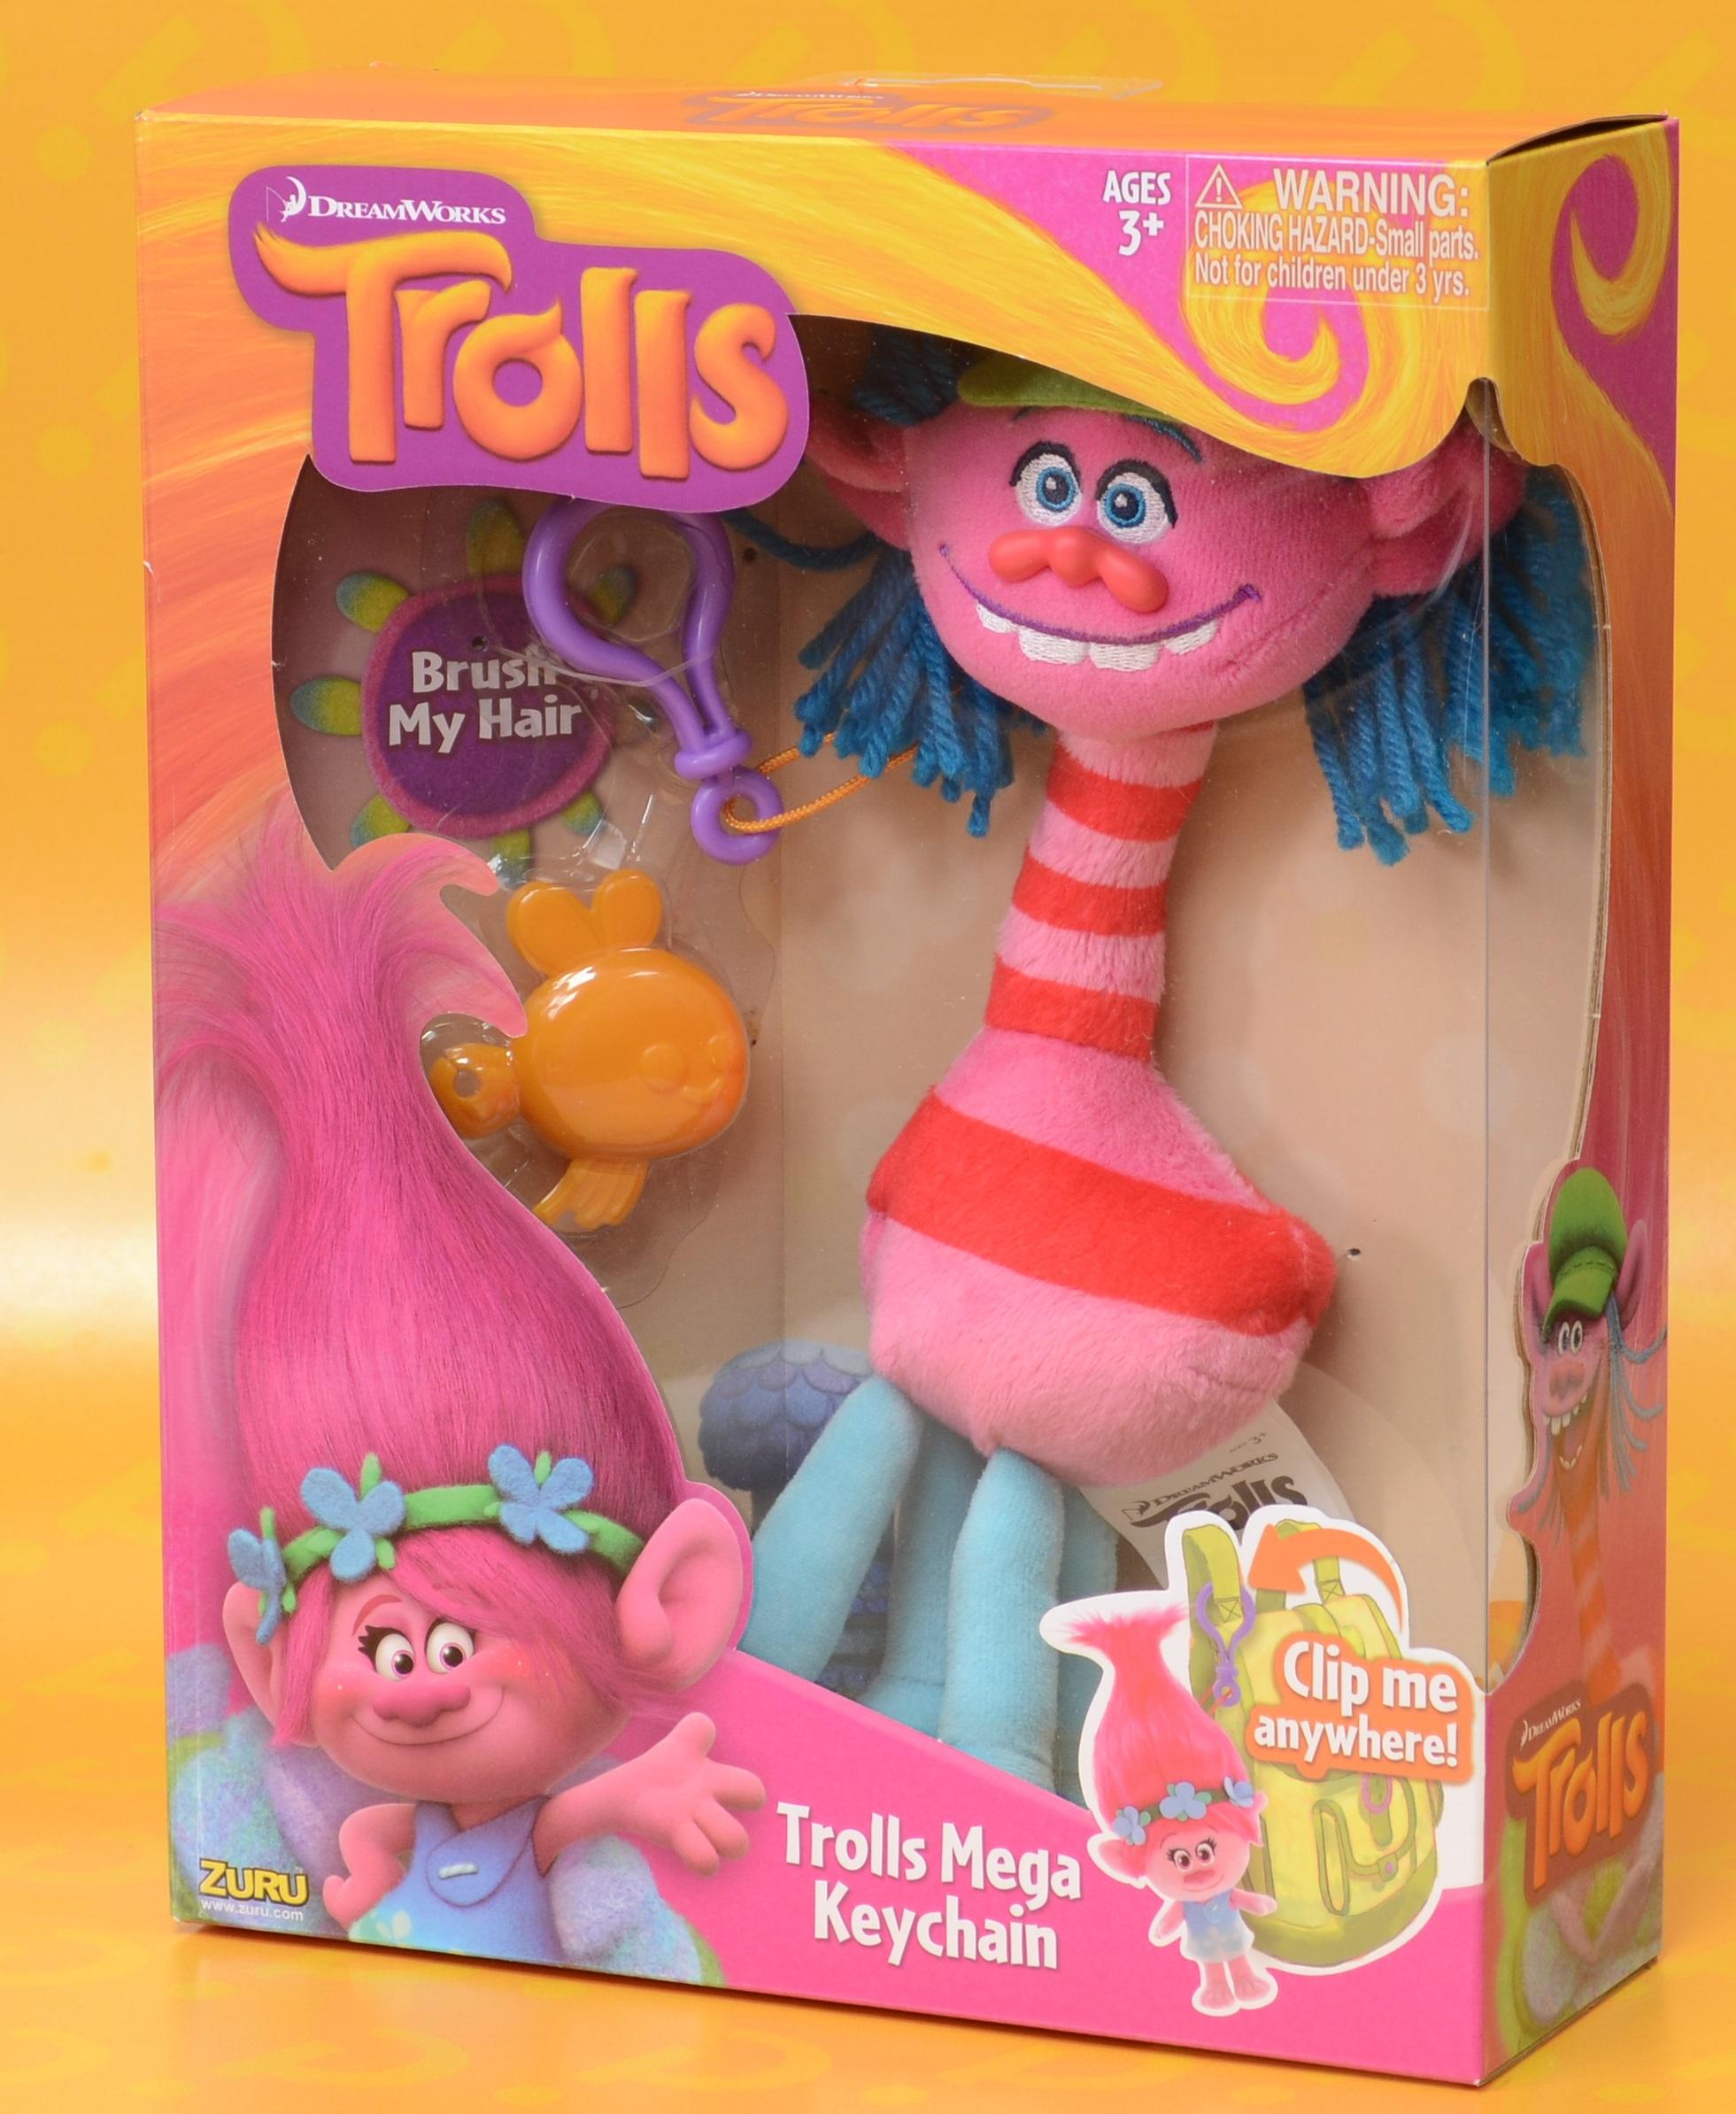 Мягкая игрушка Trolls. Тролль Купер (Cooper)Представляем вашему вниманию мягкую игрушку Trolls. Тролль Купер, созданную по мотивам анимационного фильма производства DreamWorks Animation.<br>